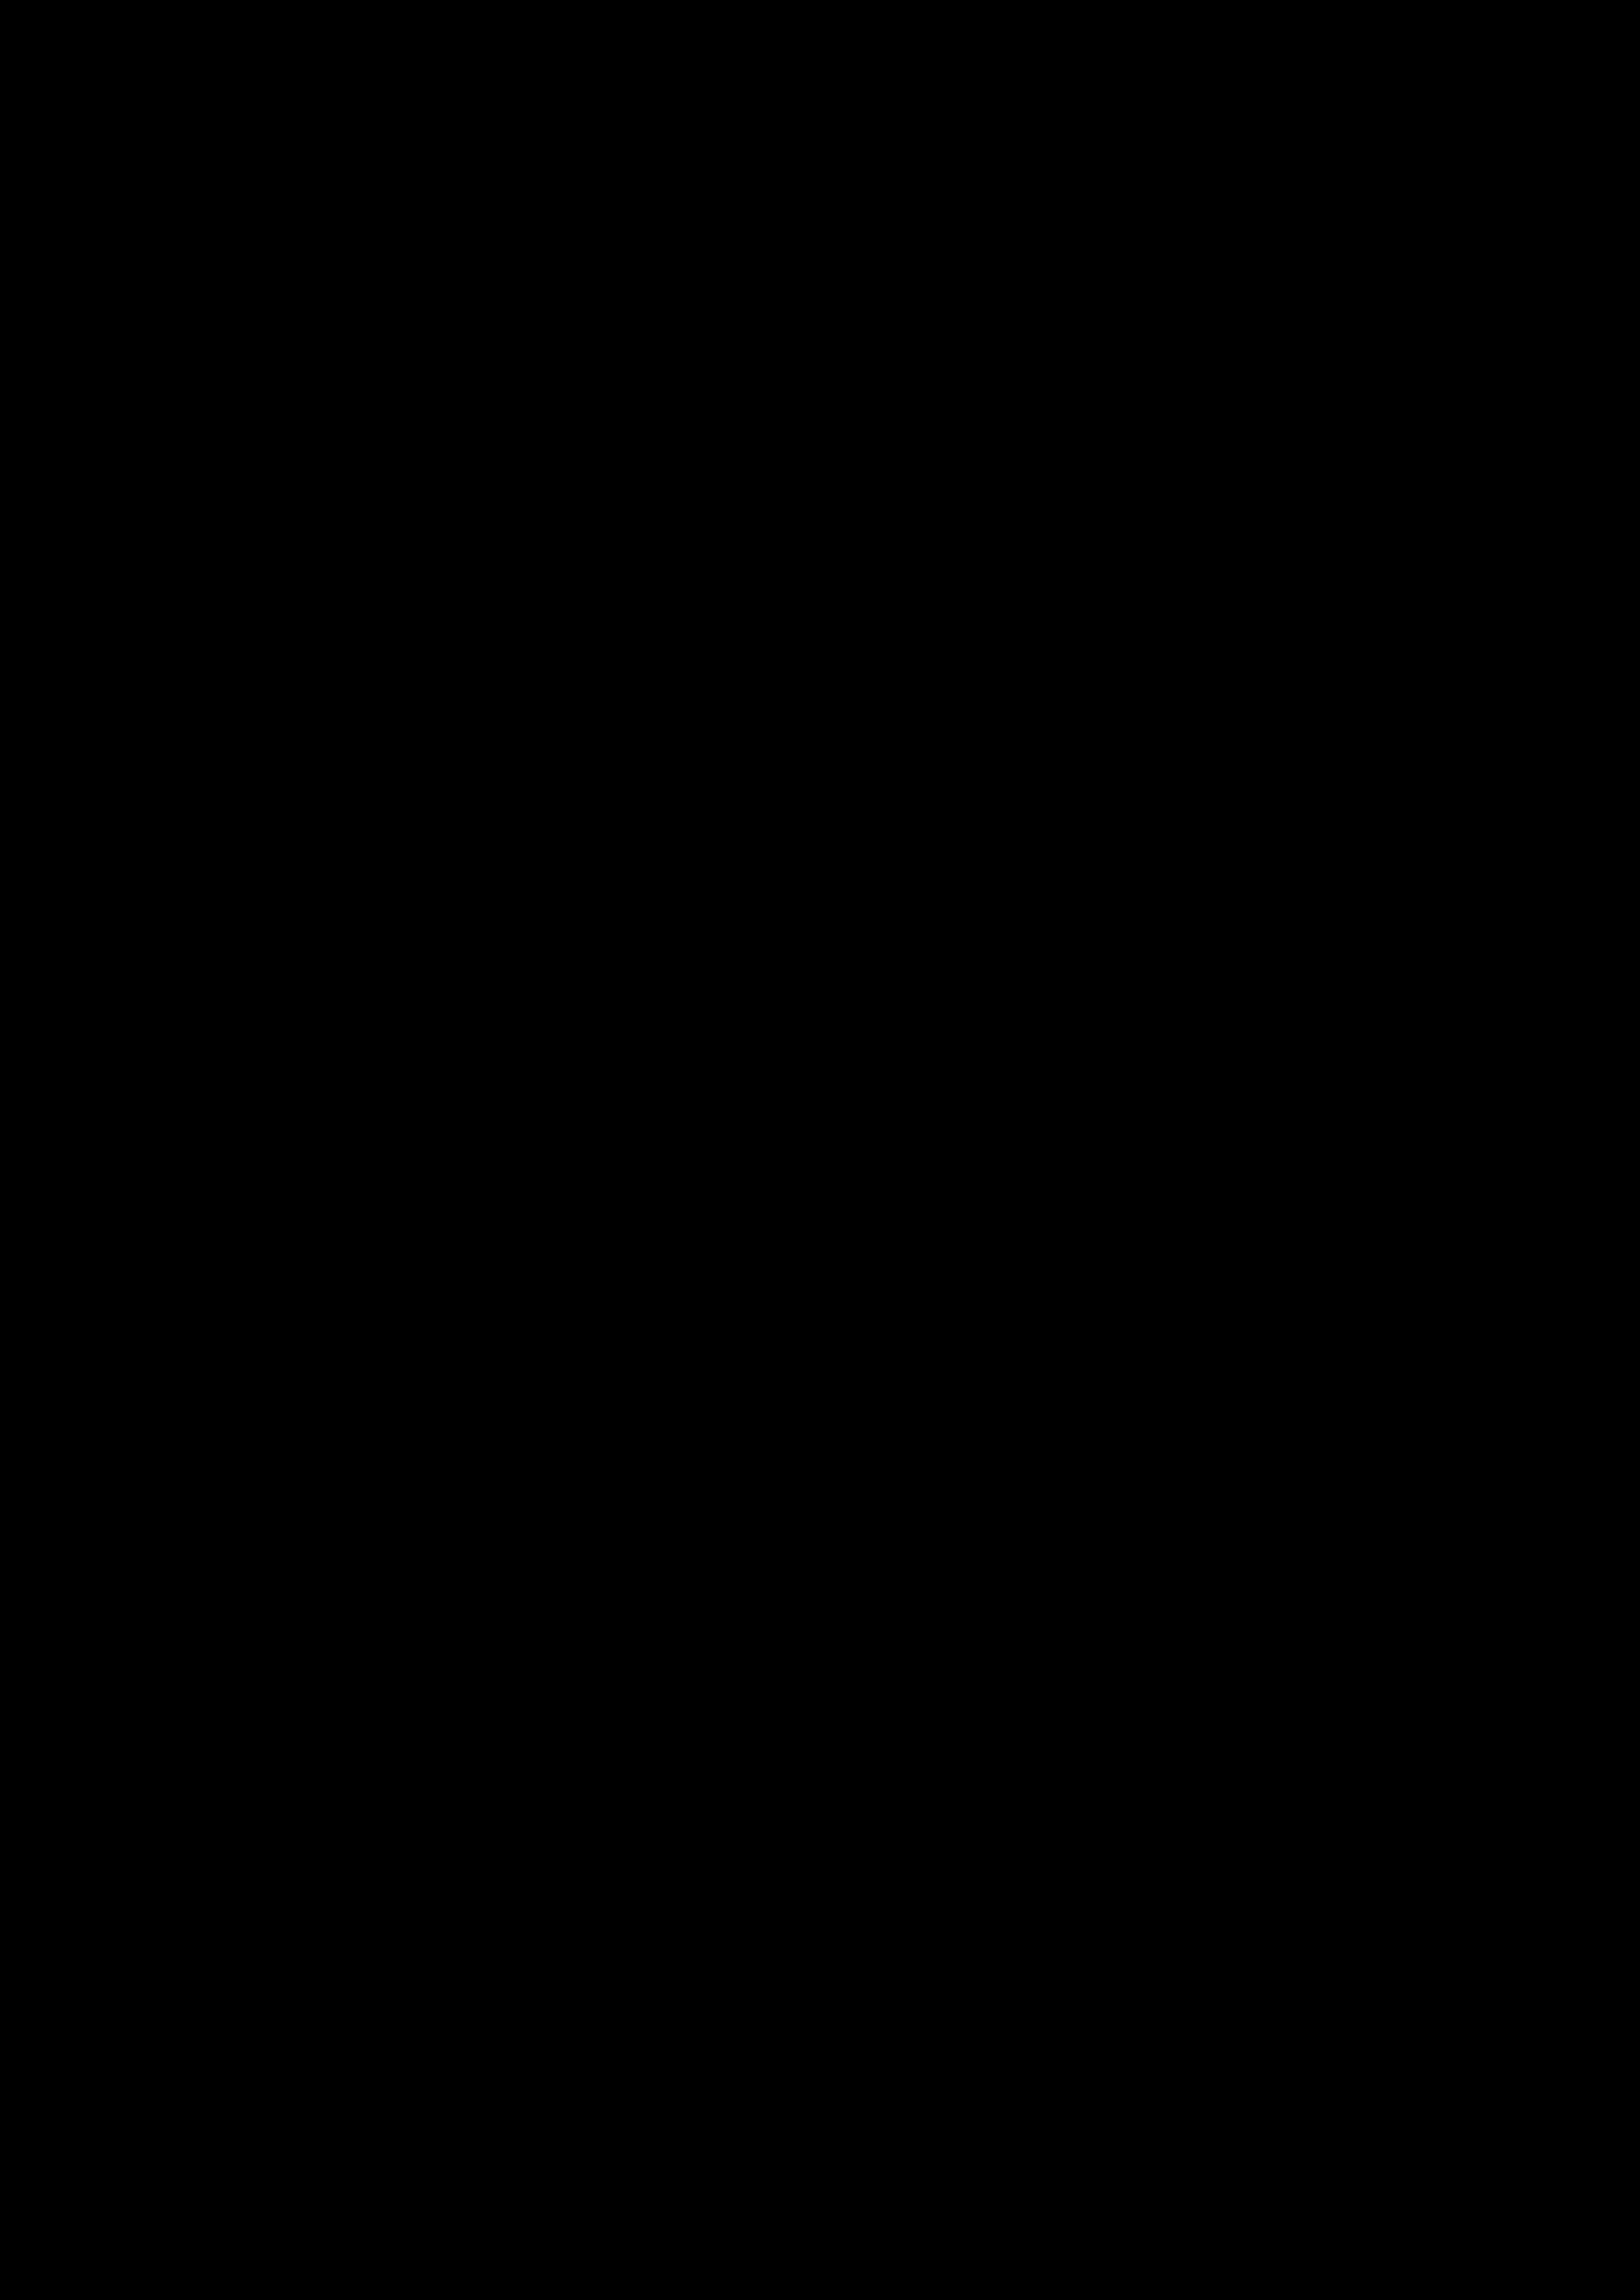 u2 tribute green covers tarragona